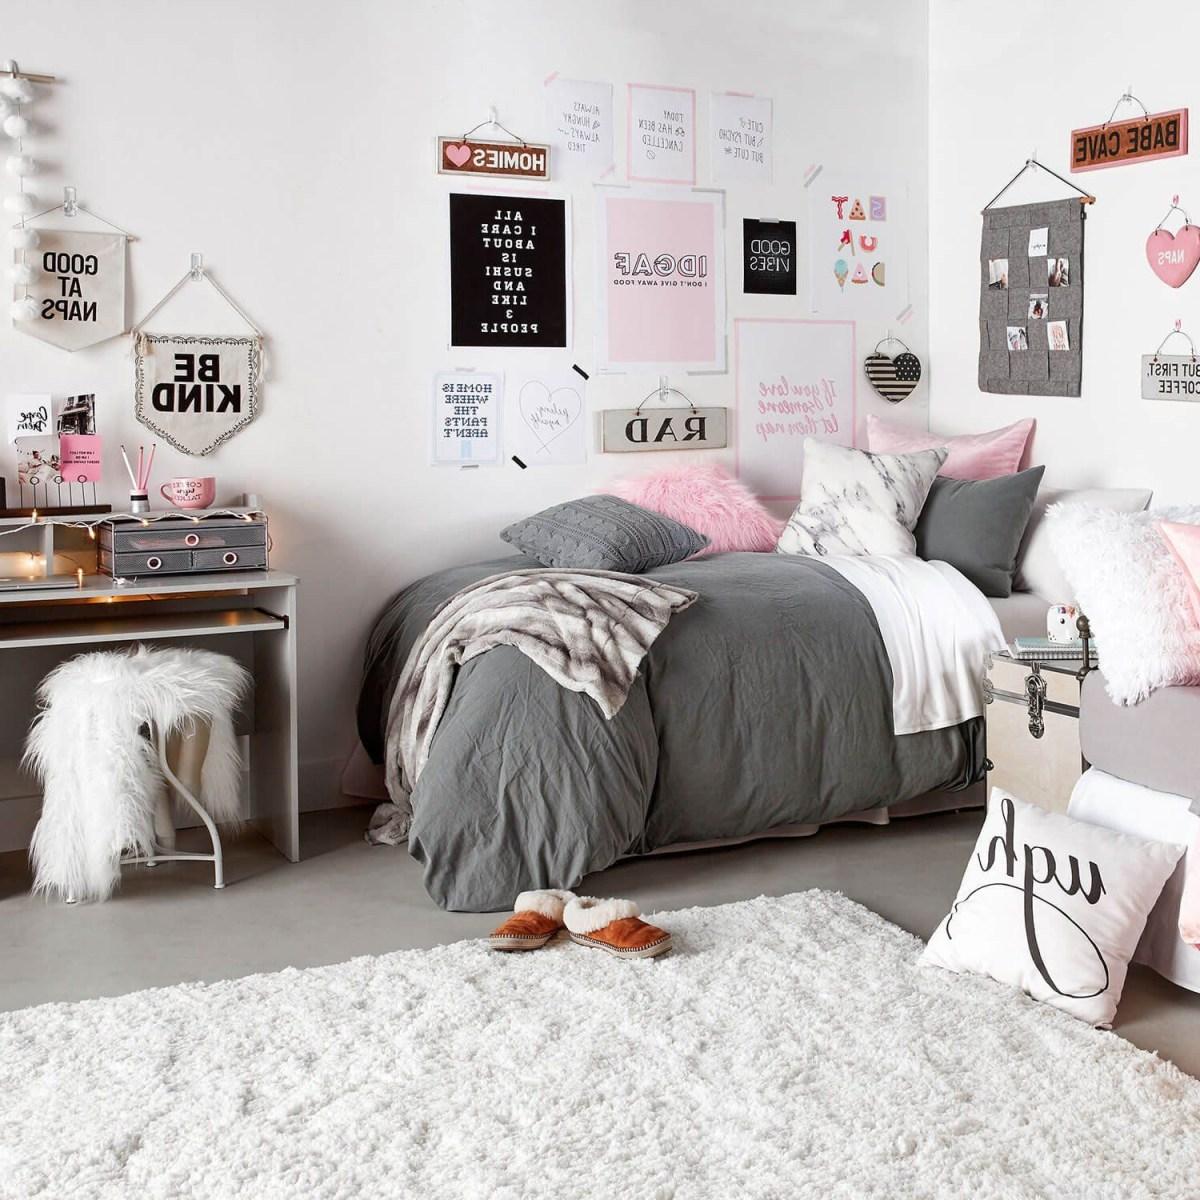 Classically Cozy Room Dorm Room Designs Dorm Design